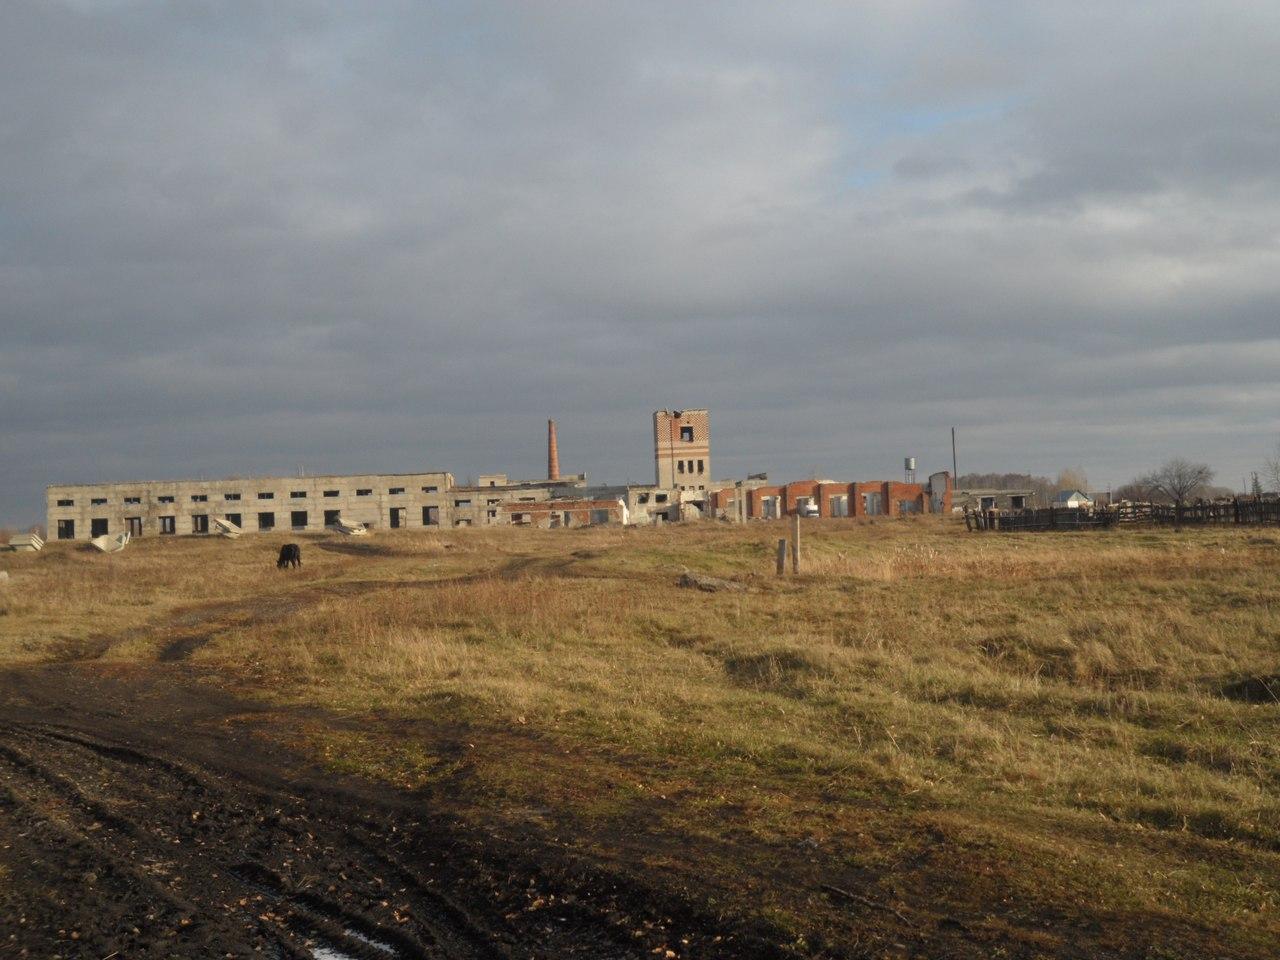 Заброшенный ЖБИ на станции Вагай.